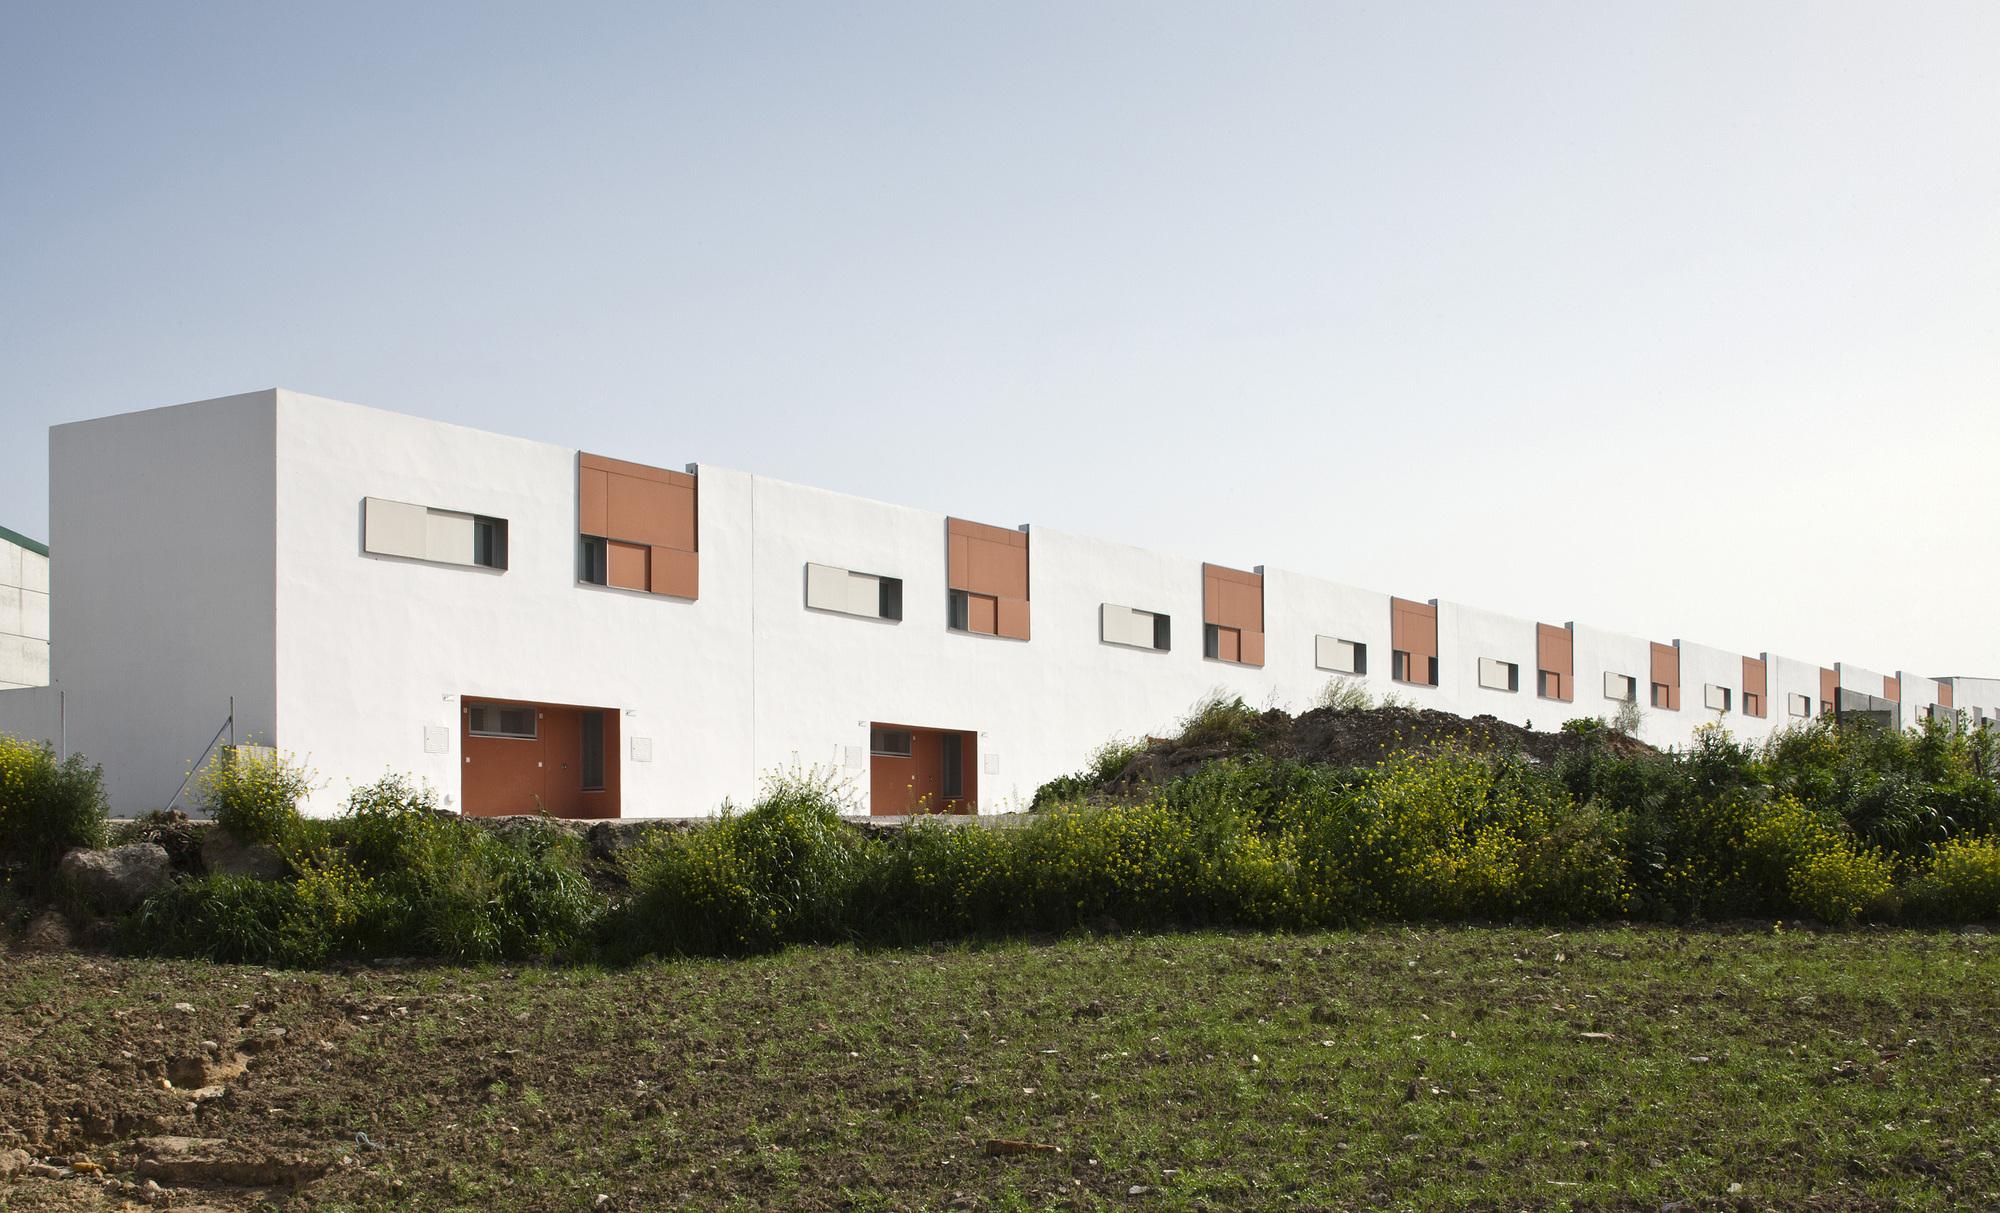 52dde1ace8e44ebd08000054_20-social-dwellings-in-el-saucejo-su-rez-corchete_01.jpg